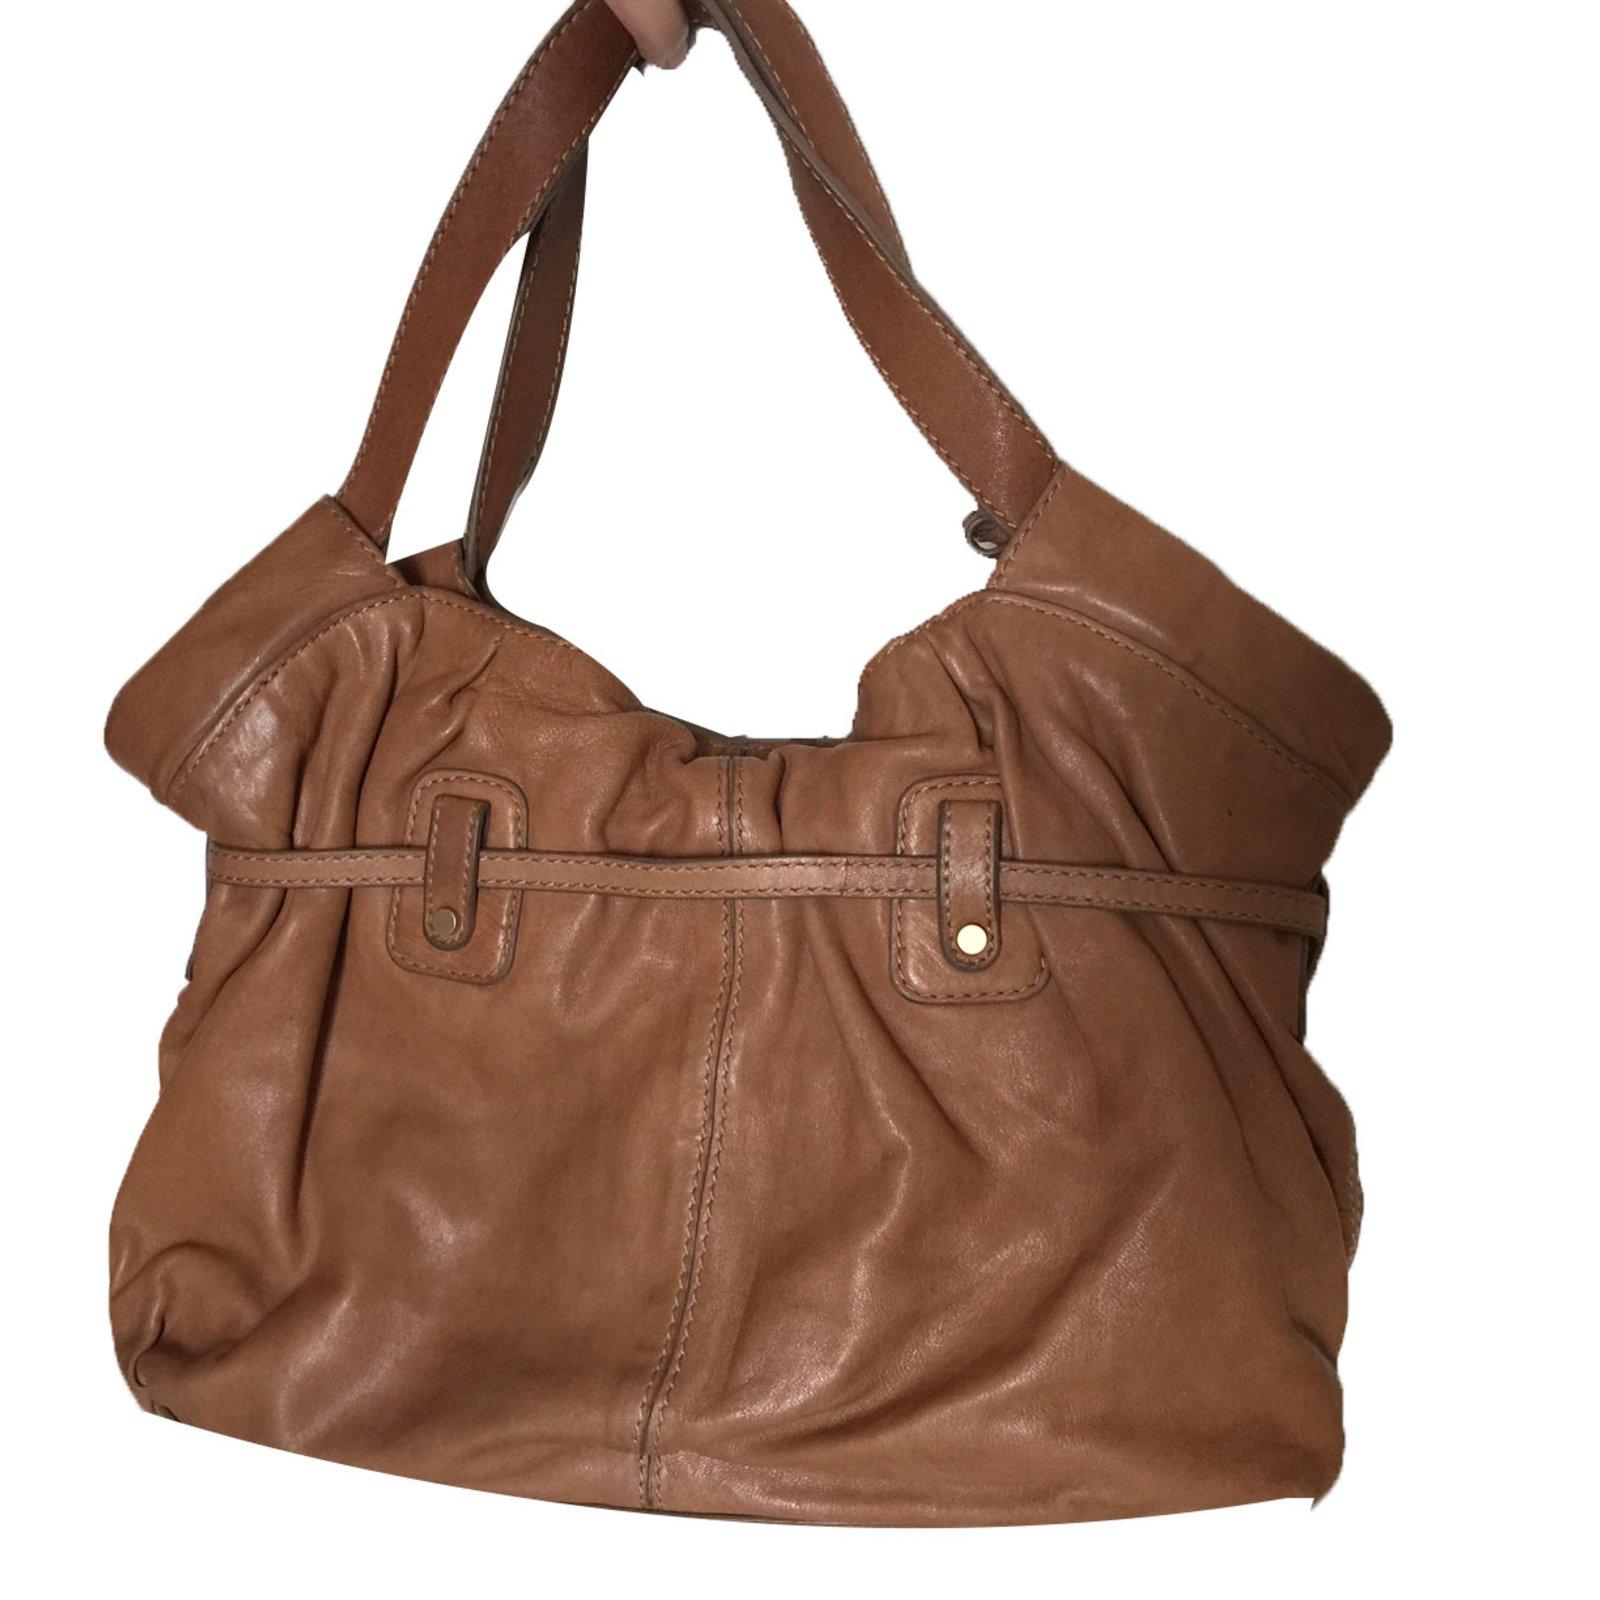 0cd40b9c795f Michael Kors Handbags Handbags Leather Caramel ref.68716 - Joli Closet